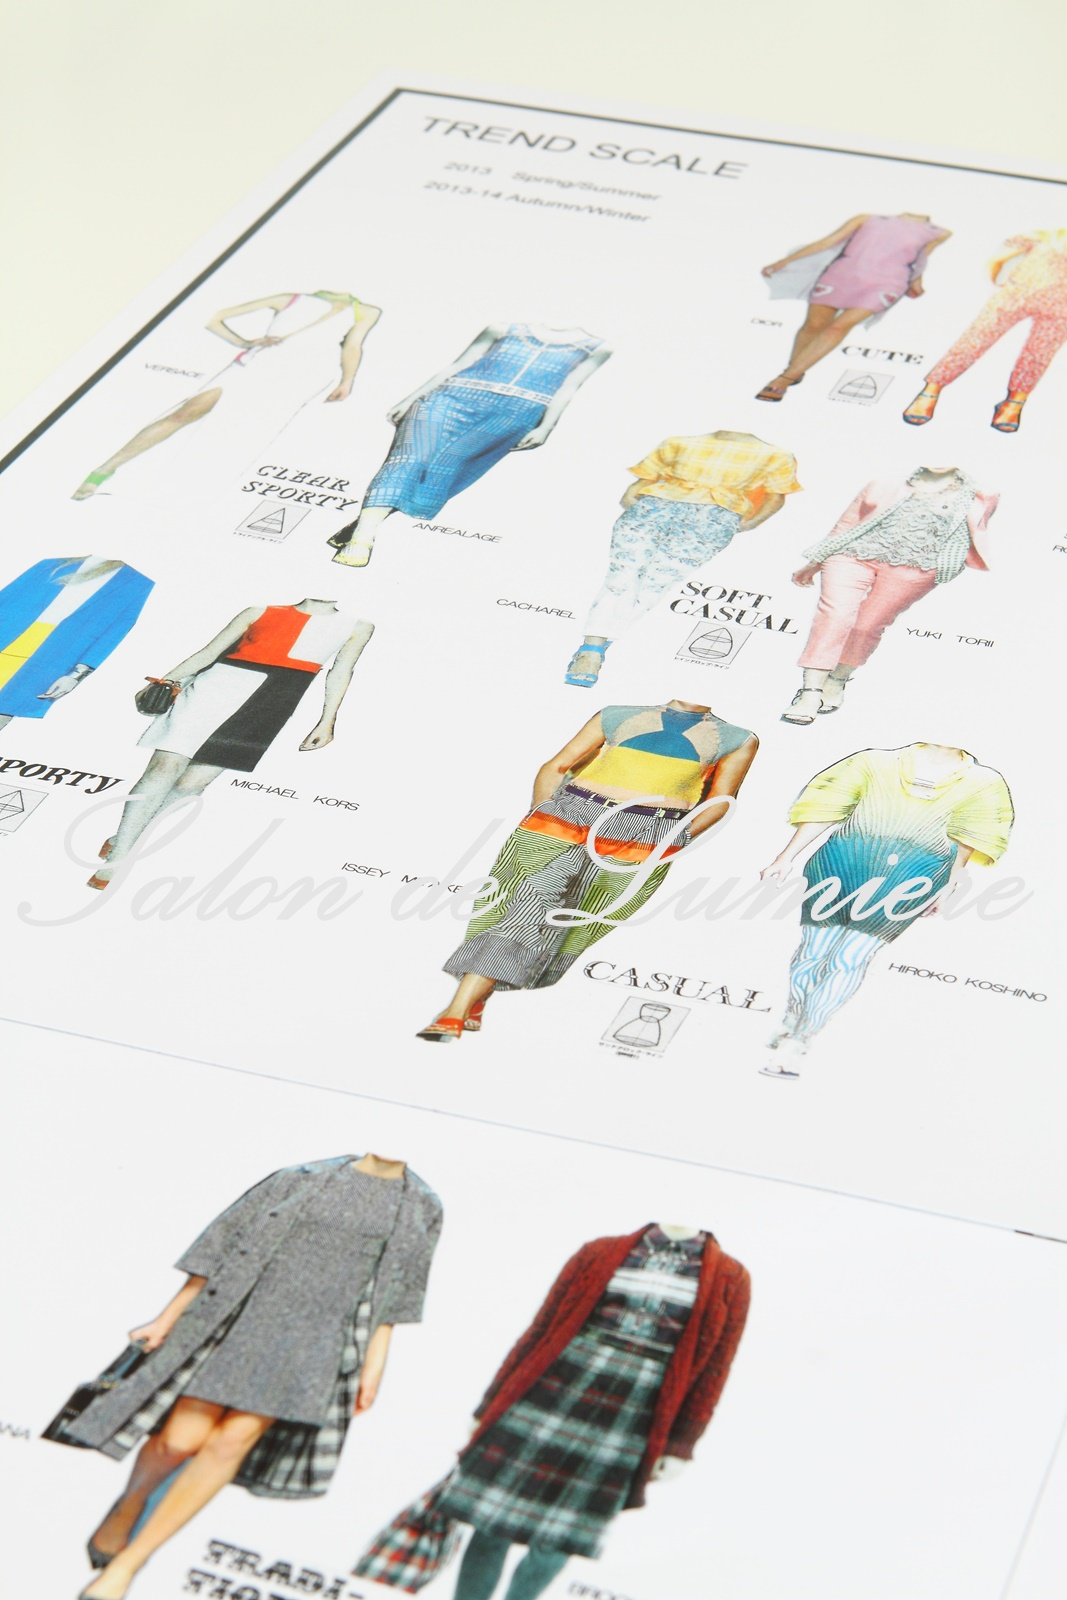 22タイプファッションテイストスケール 東京・青山のパーソナルカラー診断、メイクアップレッスン、骨格診断、顔診断(22タイプテイストファッションスケール)なら海保麻里子のサロン・ド・ルミエール